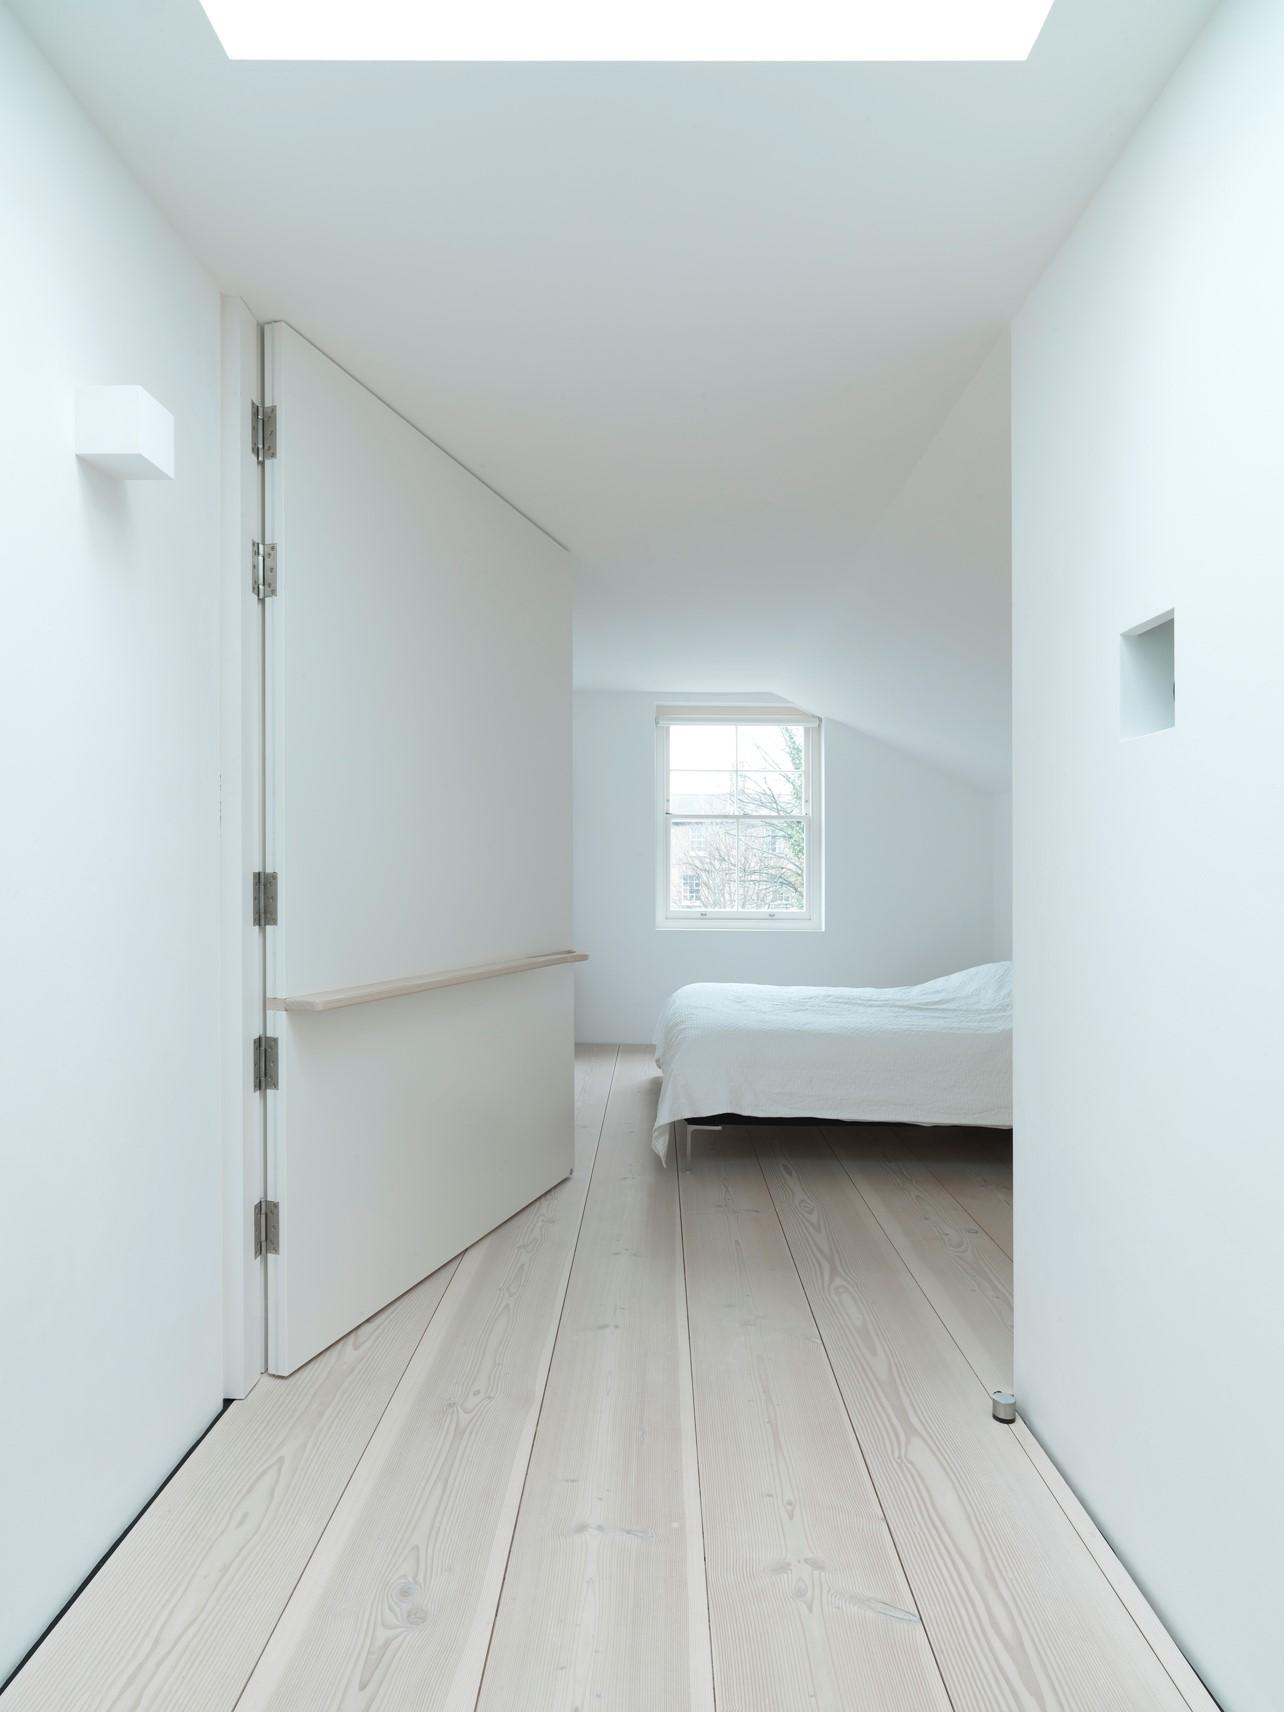 douglas floor lye white soap macdonald wright residence stairs dinesen 02.jpg